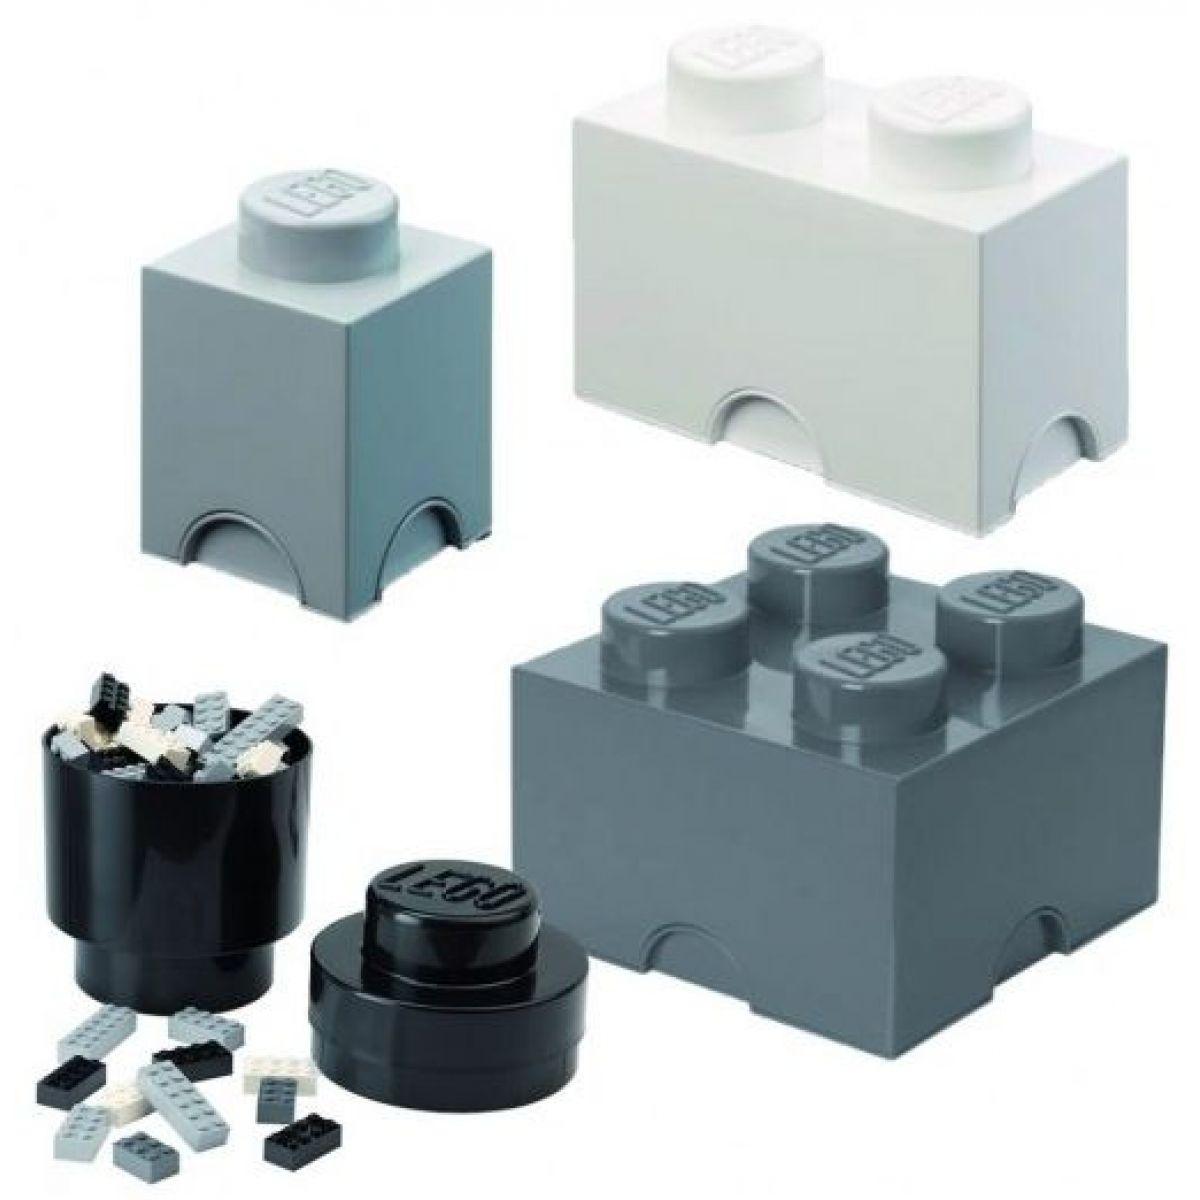 LEGO úložné boxy Multi-Pack 4 ks čierna, biela, šedá - Poškodený obal